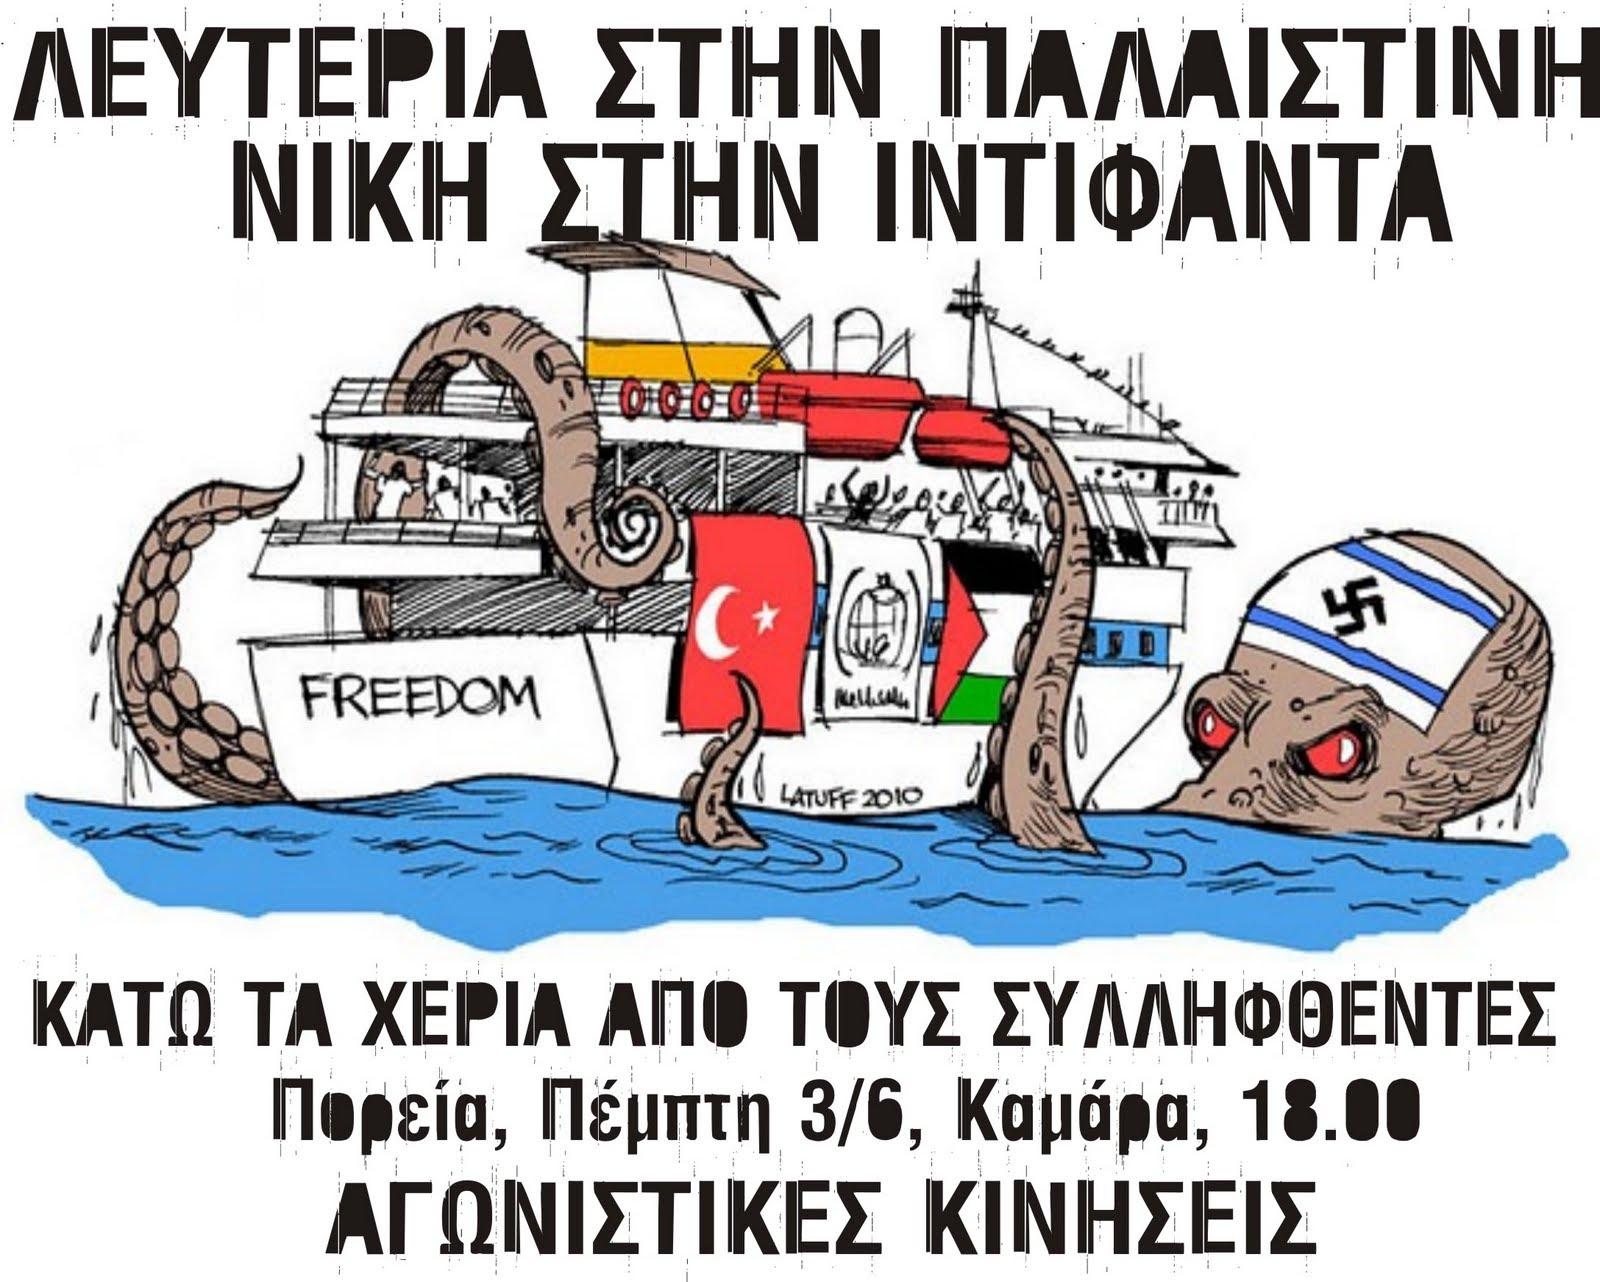 παλιότερη αντισημιτική αφίσα του ΚΚΕ μλ. Όπως μπορείτε να δείτε χρησιμοποιεί το γνωστό χταπόδι από καρτούν της ναζιστικής προπαγάνδας το 1938. http://en.wikipedia.org/wiki/Antisemitic_canard